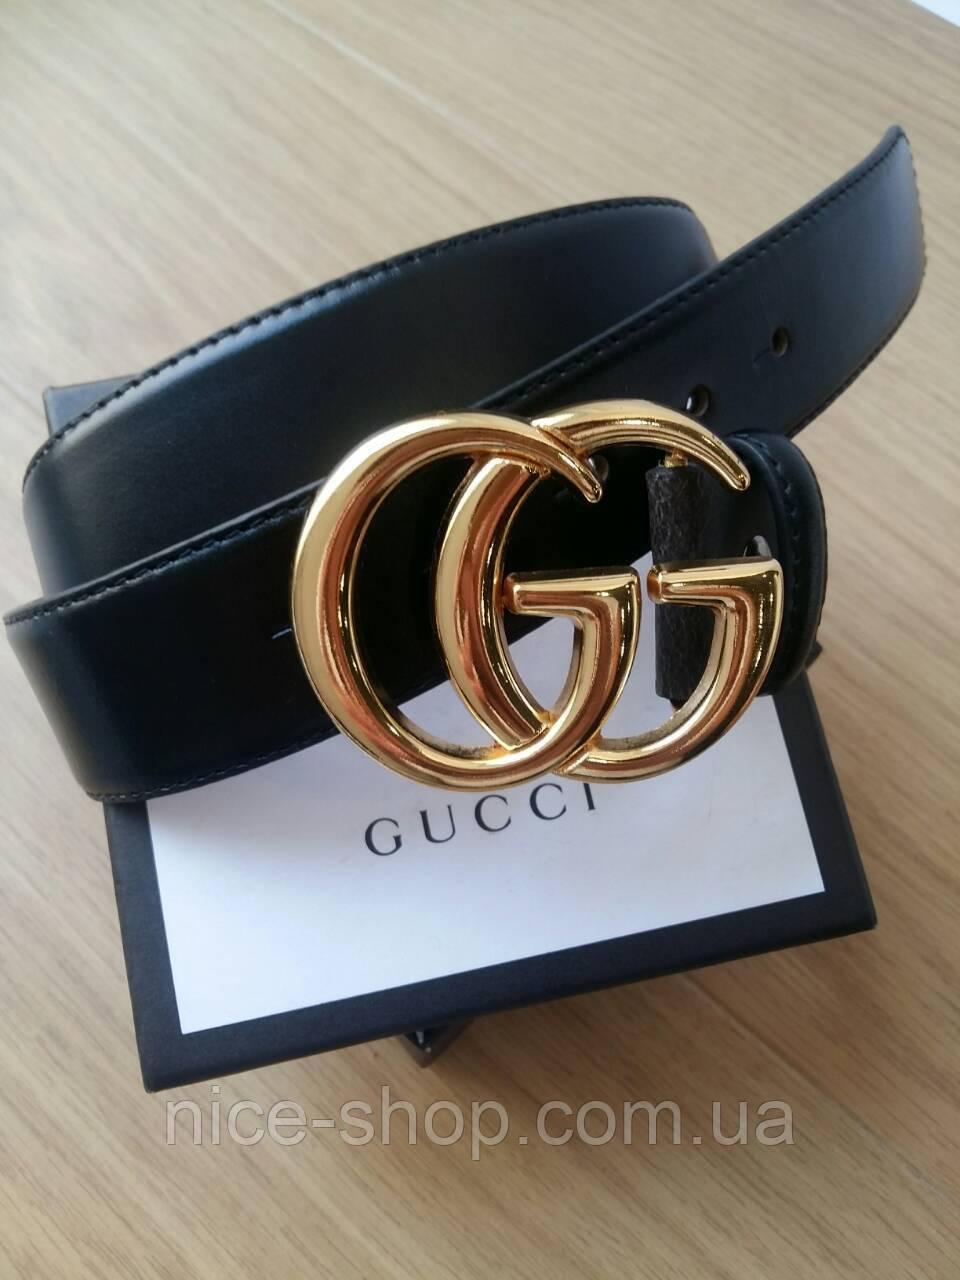 Копия Ремень Gucci кожаный черный 3,8 см в коробке